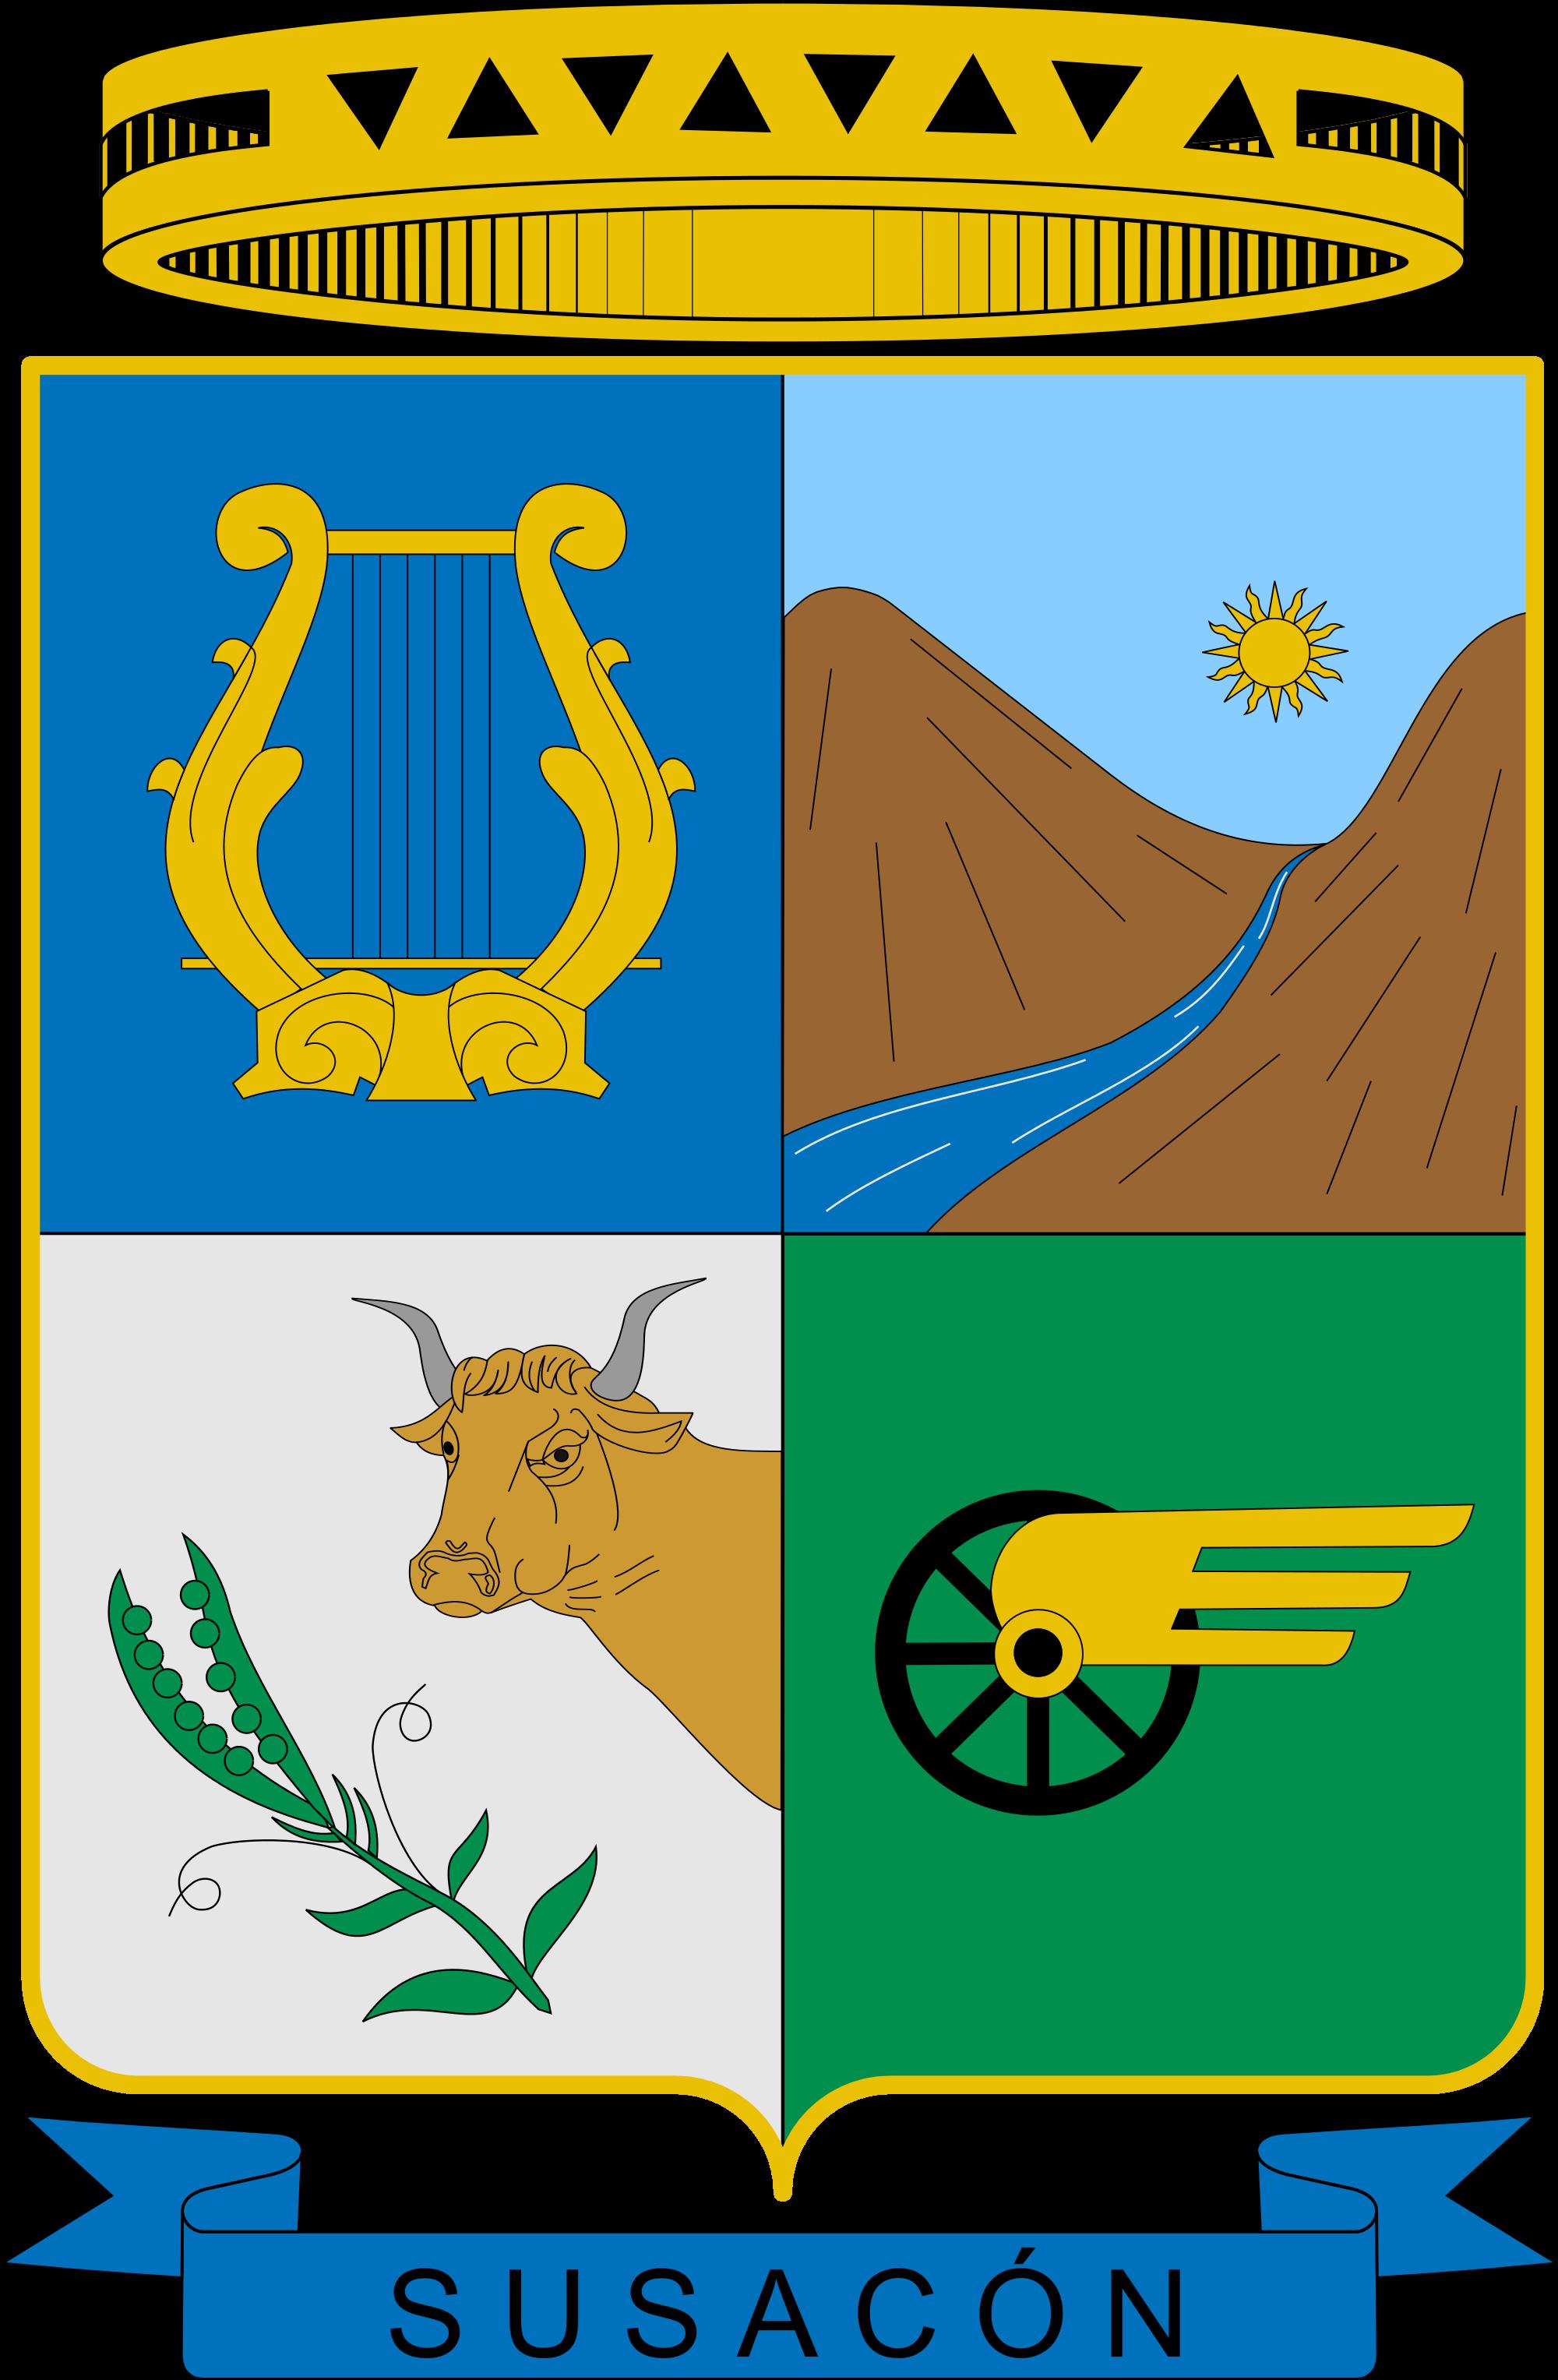 Susacón